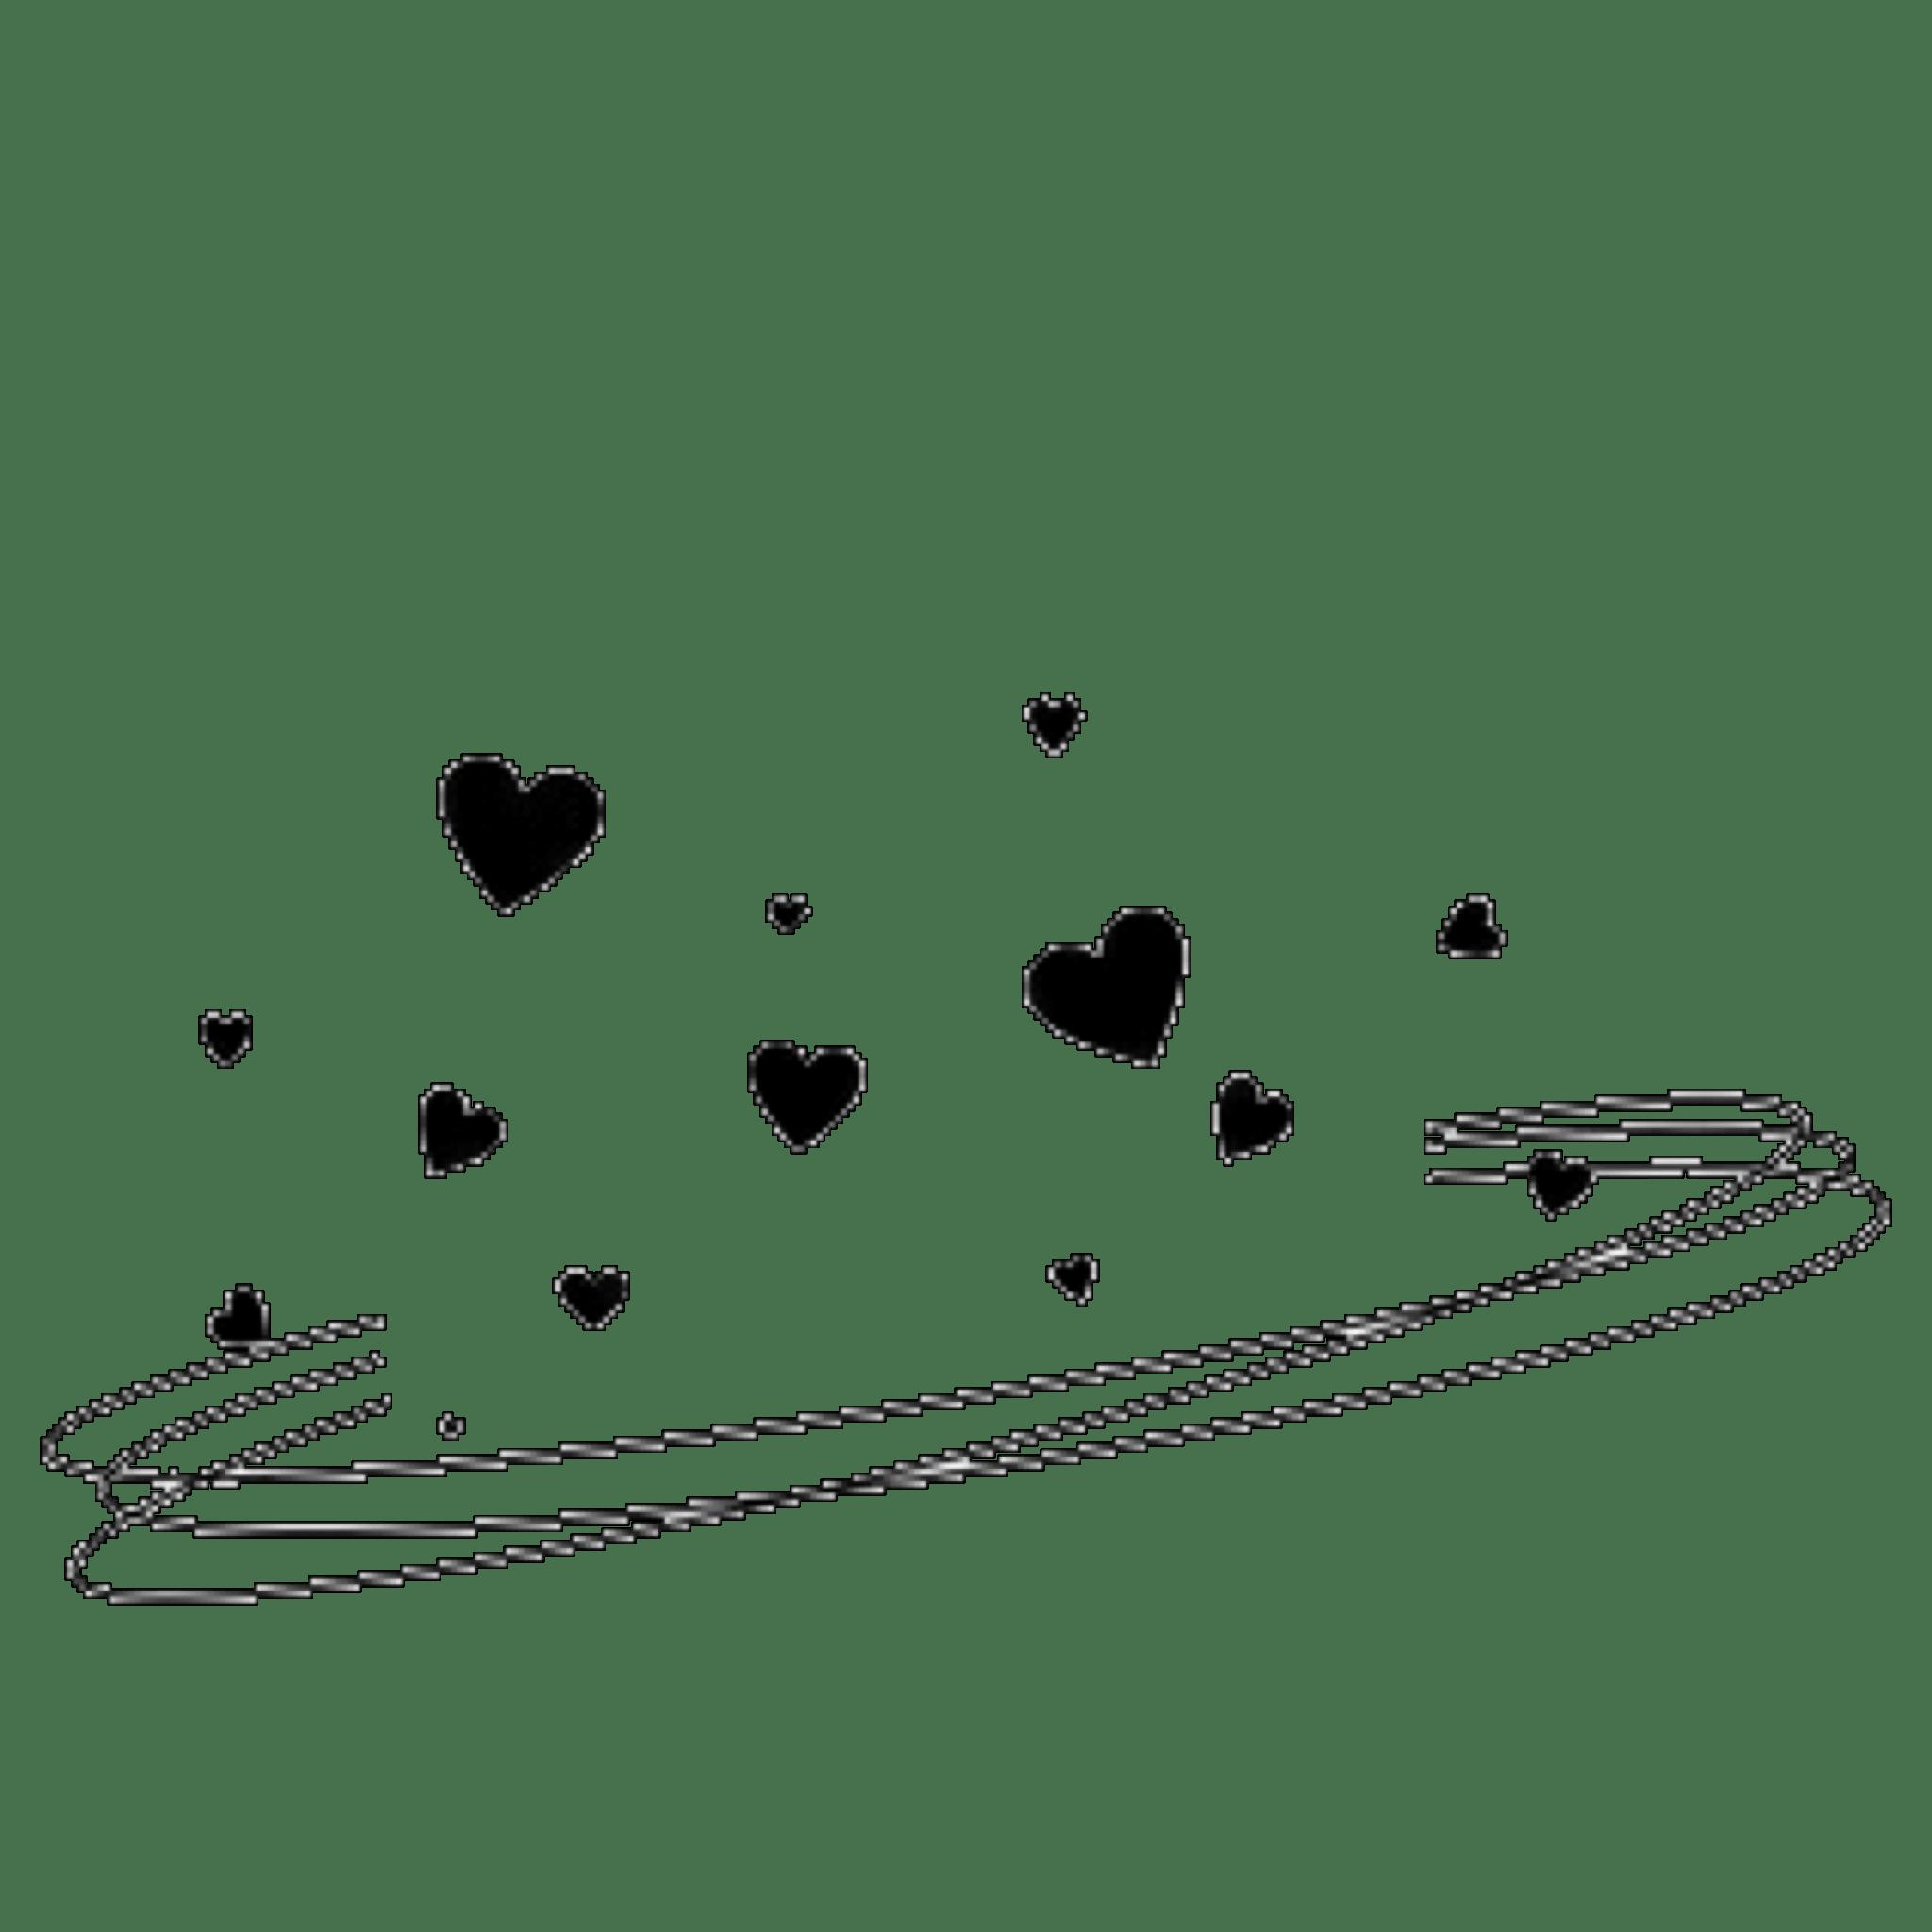 Heart Hearts Crown Heartcrown Swirls Black Blackcrown